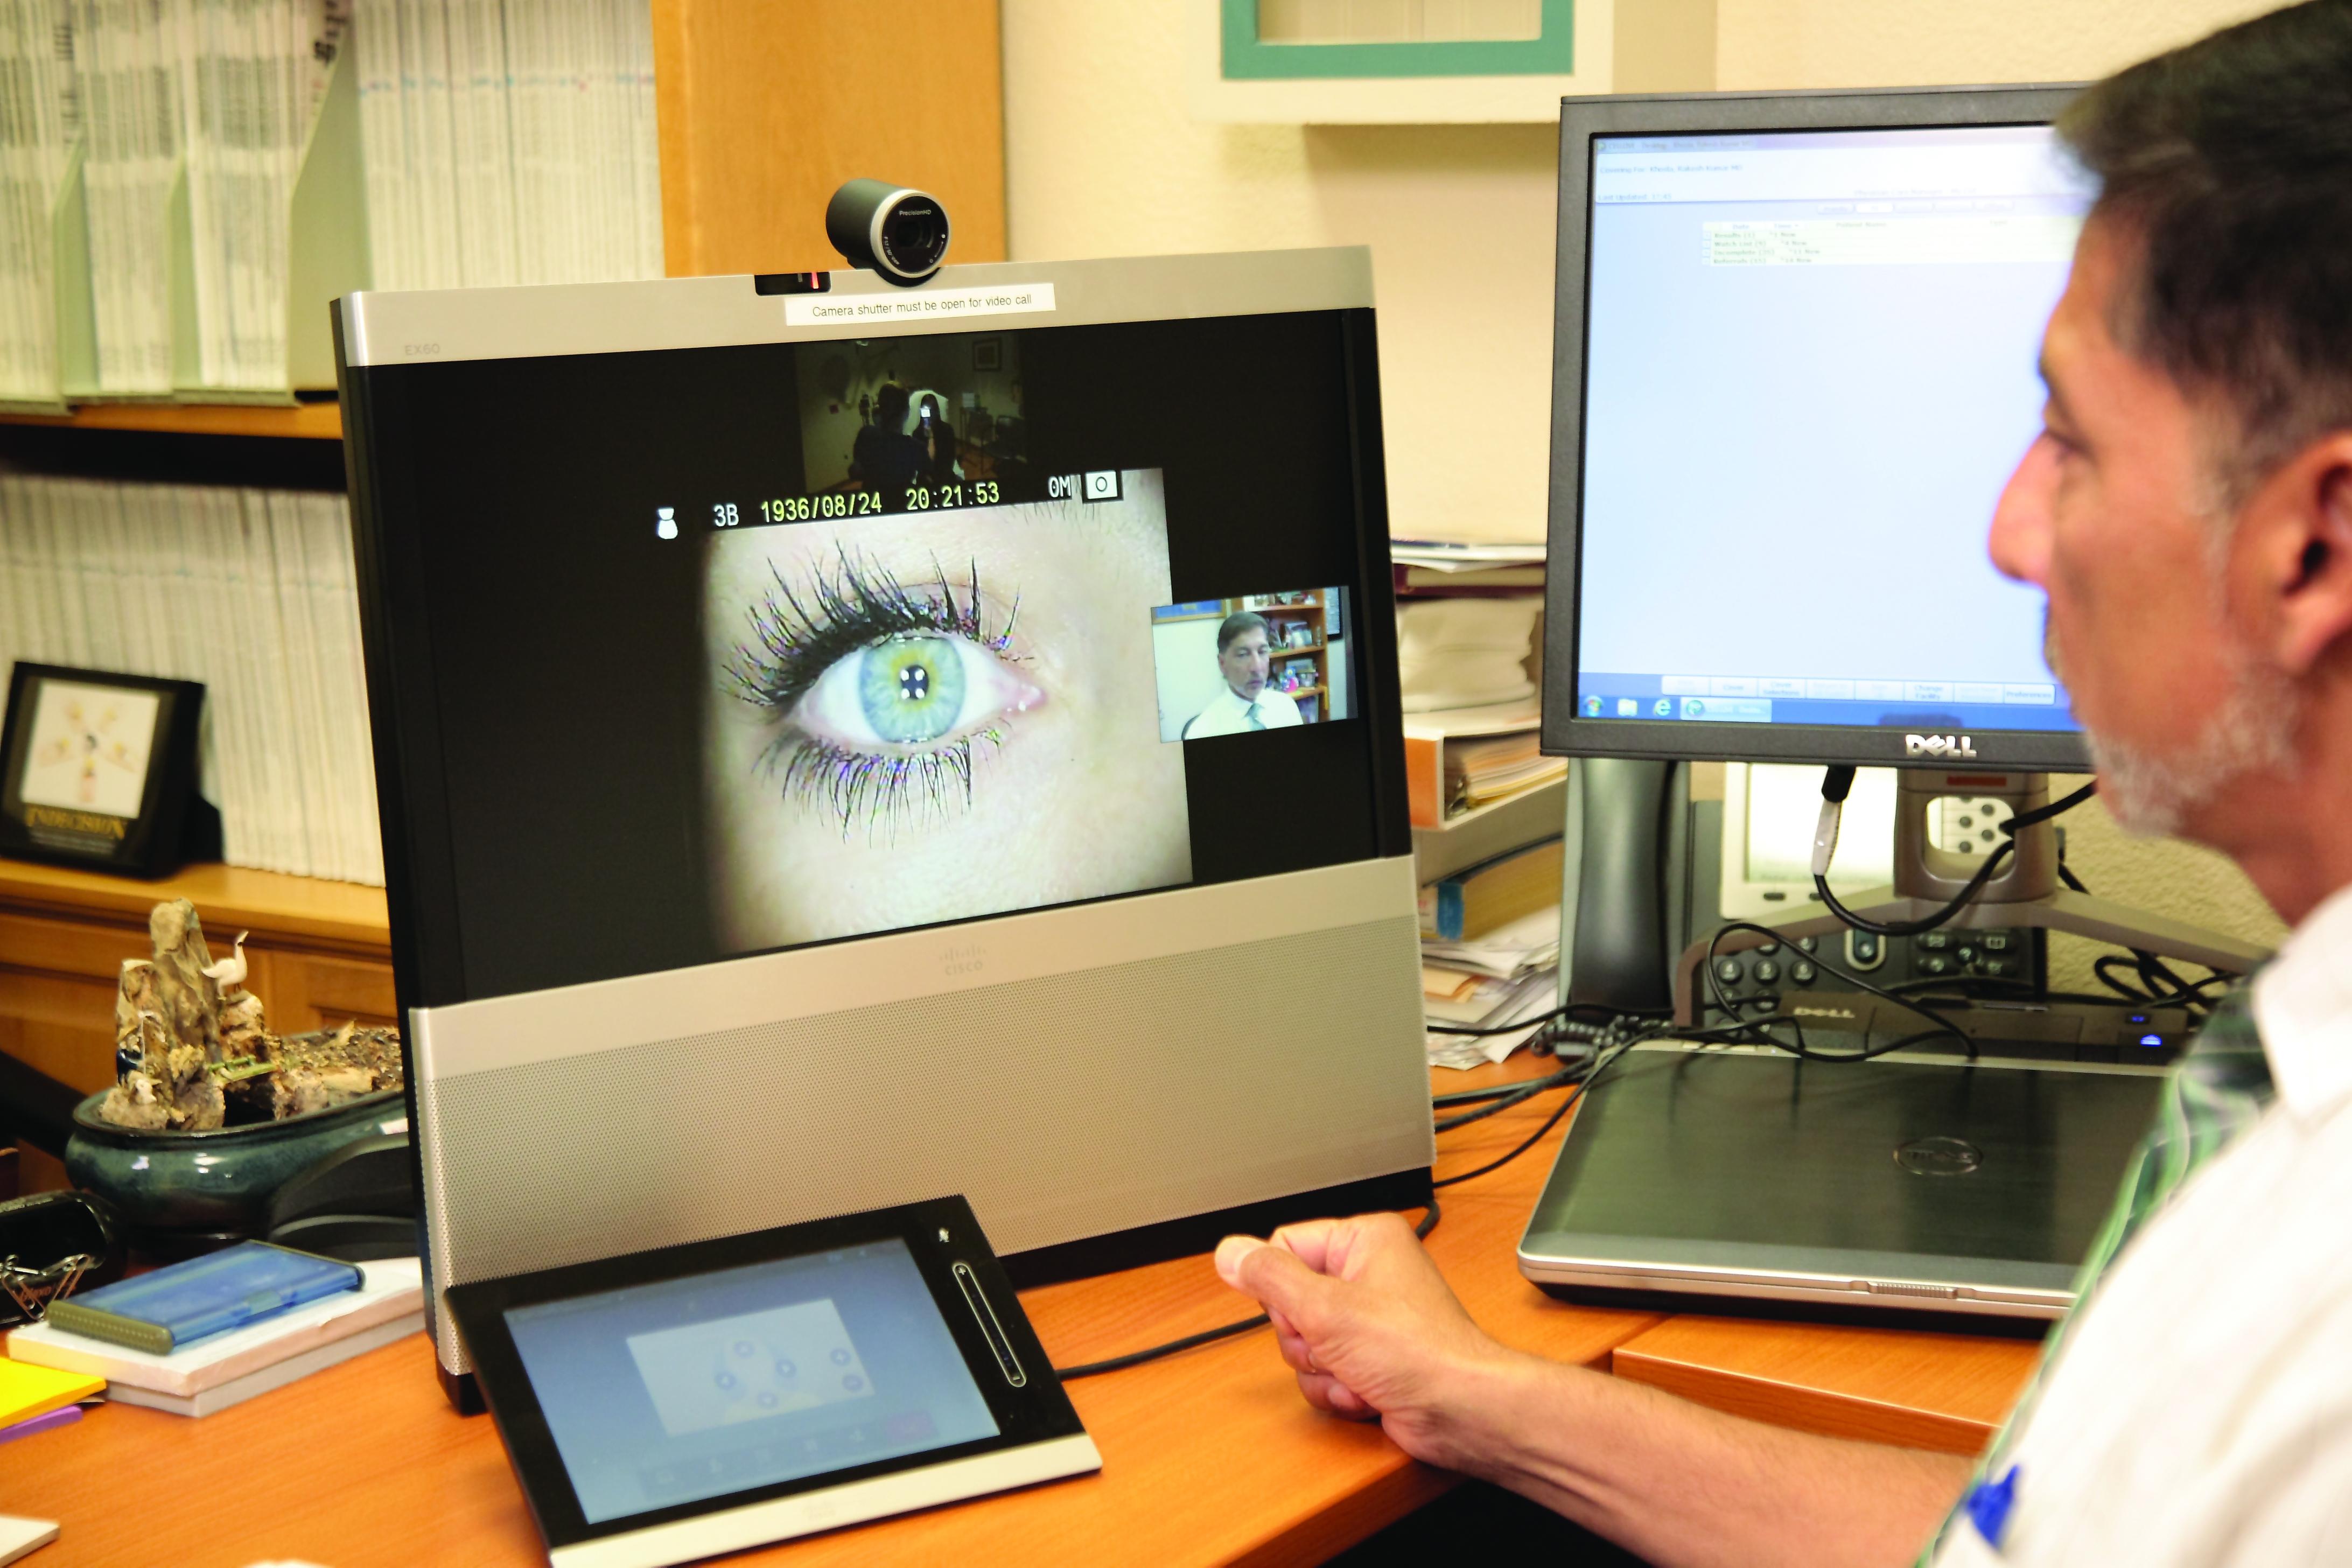 centura telehealth screen